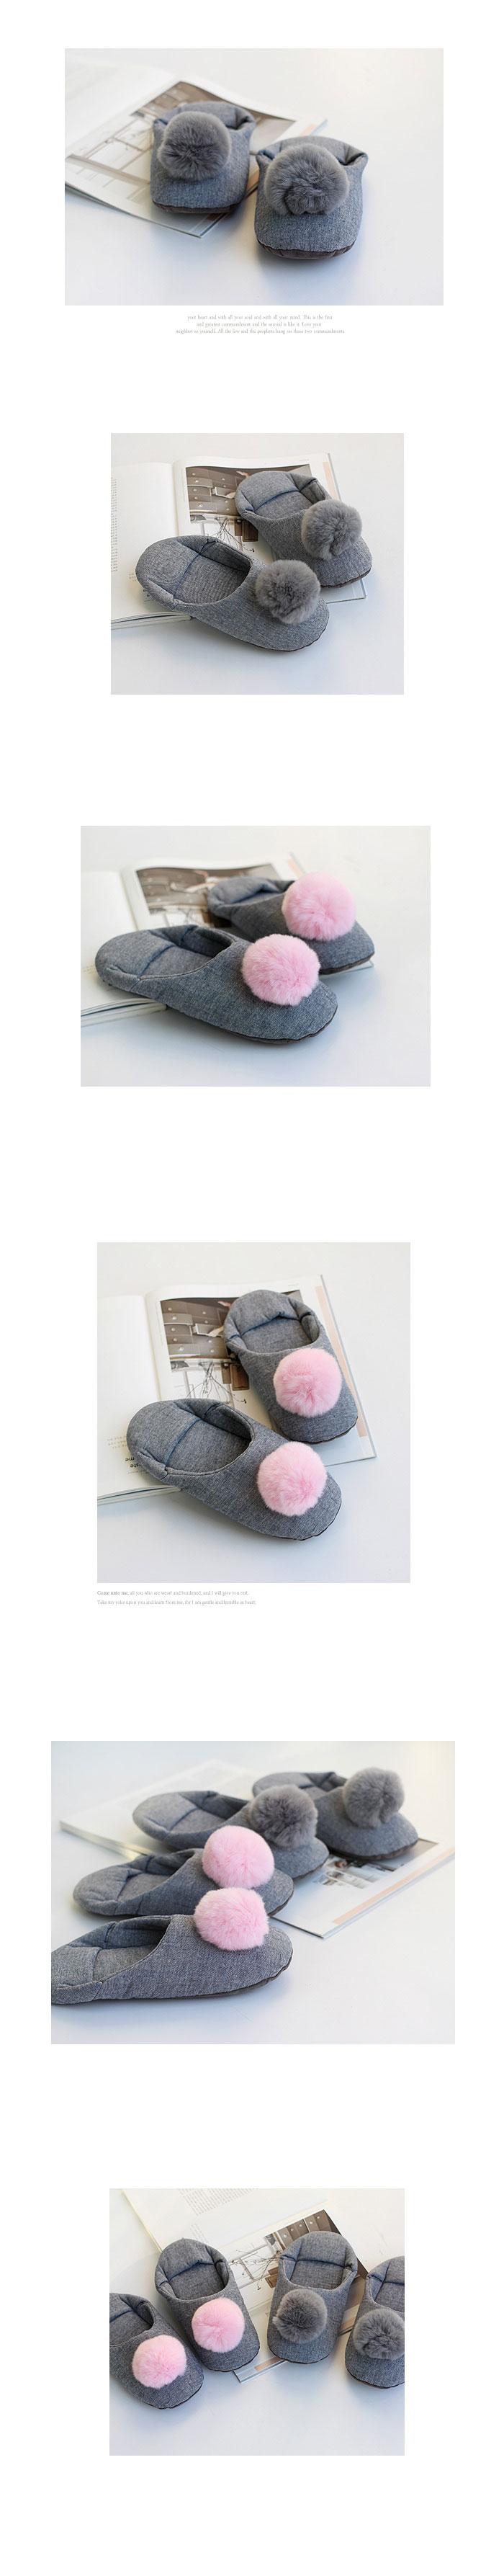 퍼방울 코지실내화 (2color) annahouse - 안나하우스, 11,500원, 슬리퍼/거실화, 덮개형